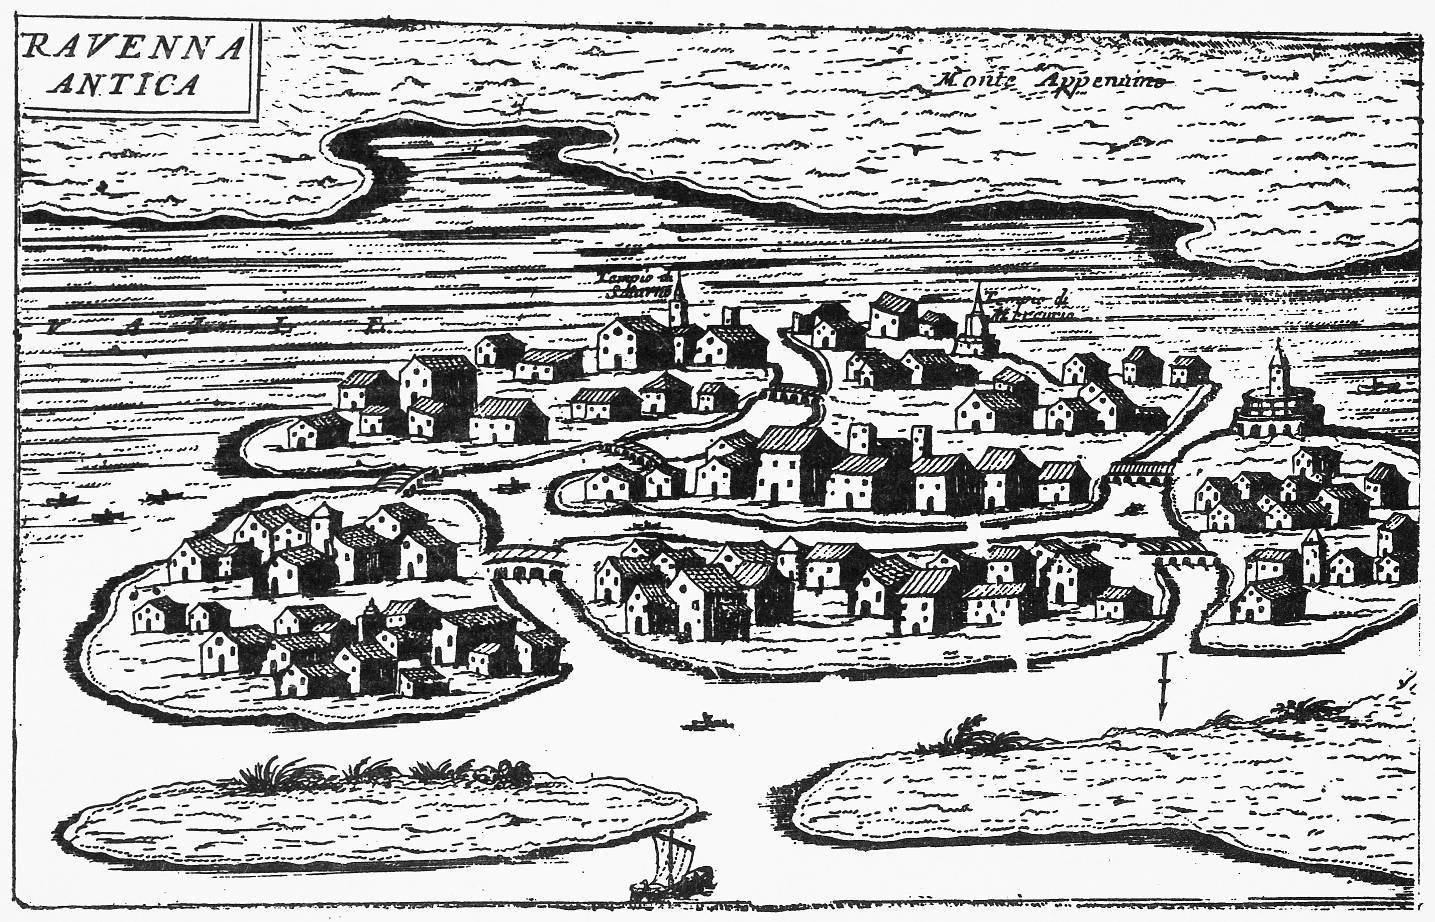 Ravenna antica data: intorno al 1705 dimensioni: cm 11,5x24,5 contenuta in: V. Coronelli, Ravenna antica e moderna, metropoli della Romagna, descritta e delineata per istrutione de' forestieri, p. 2